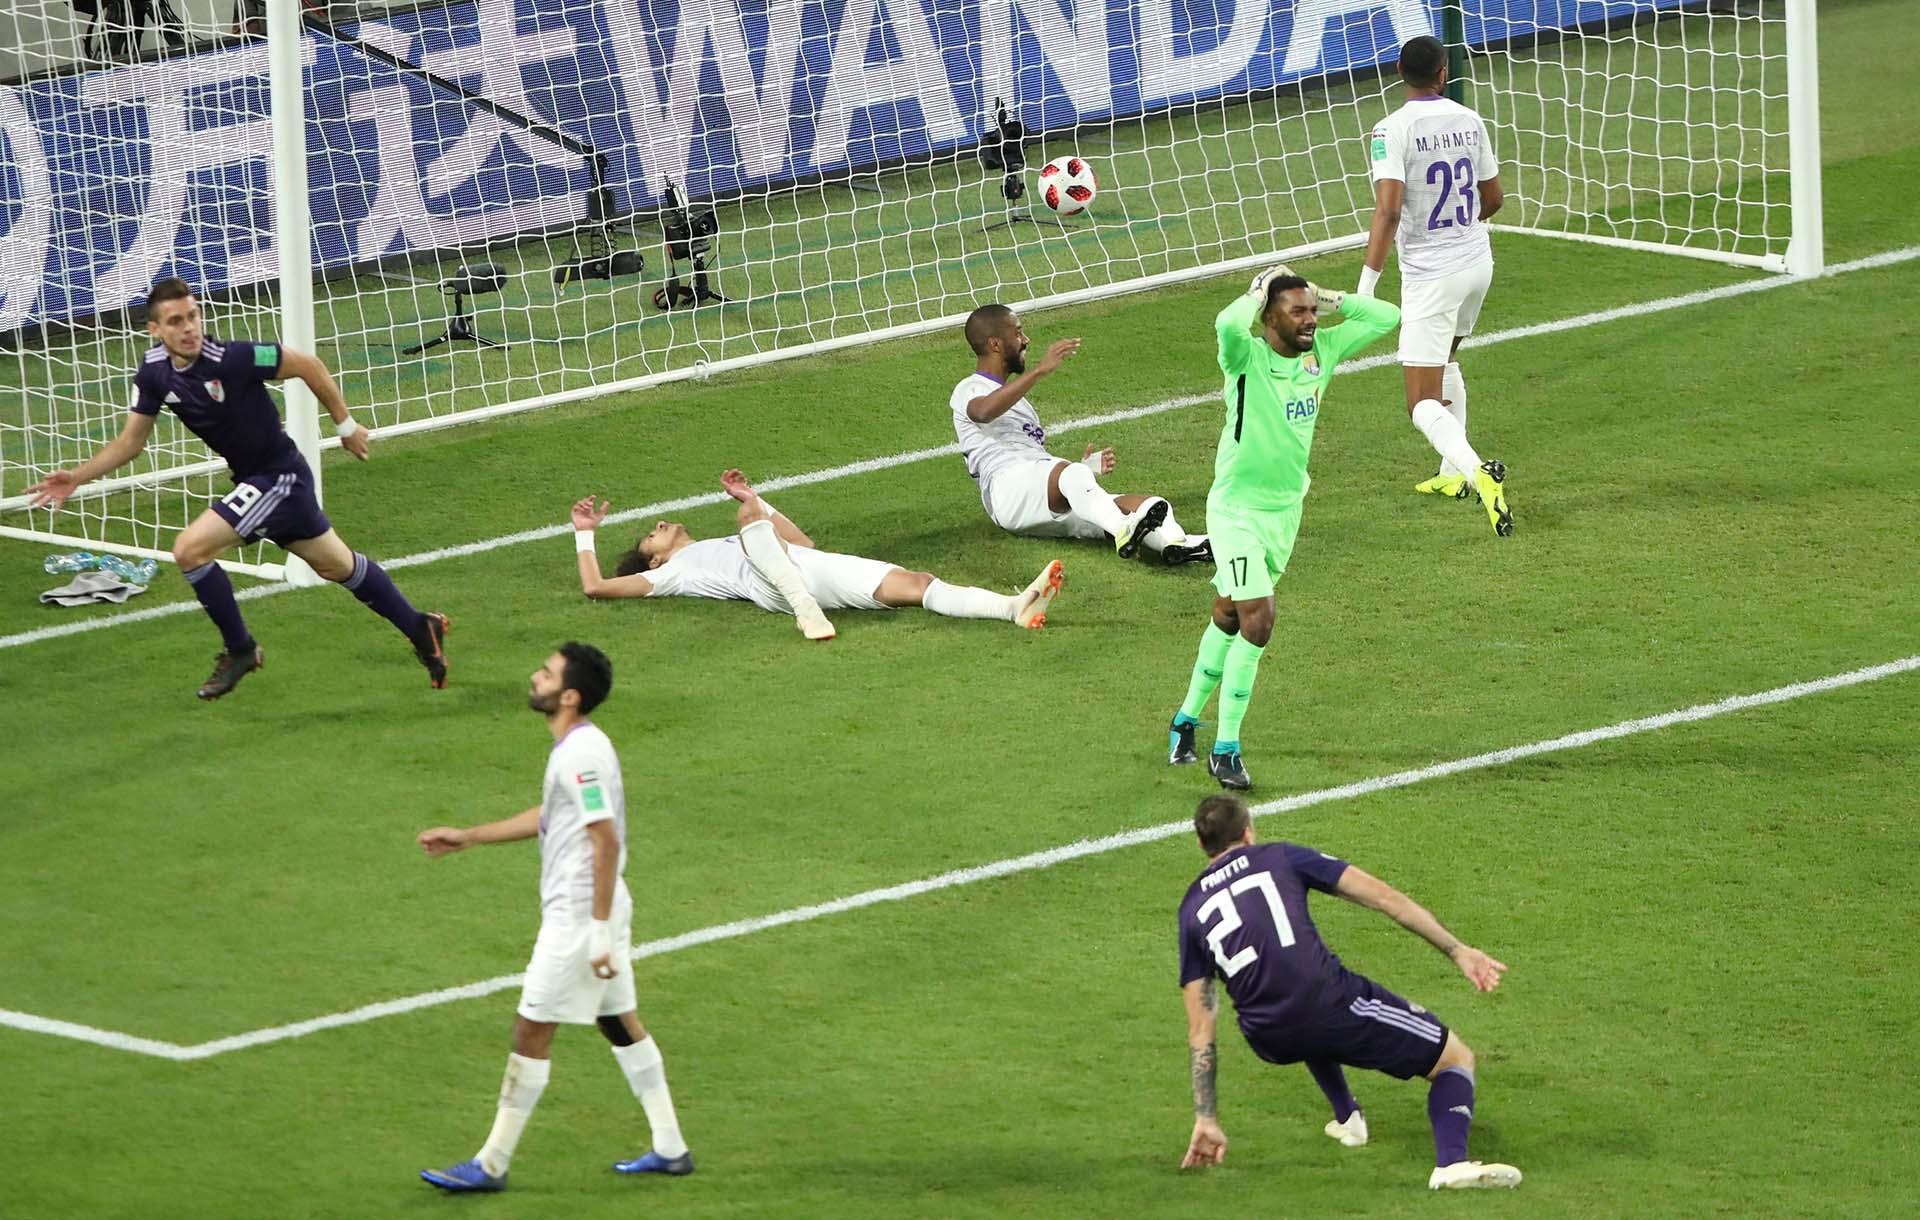 La escena que derivó en el 1 a 1 y le llevó tranquilidad a Marcelo Gallardo